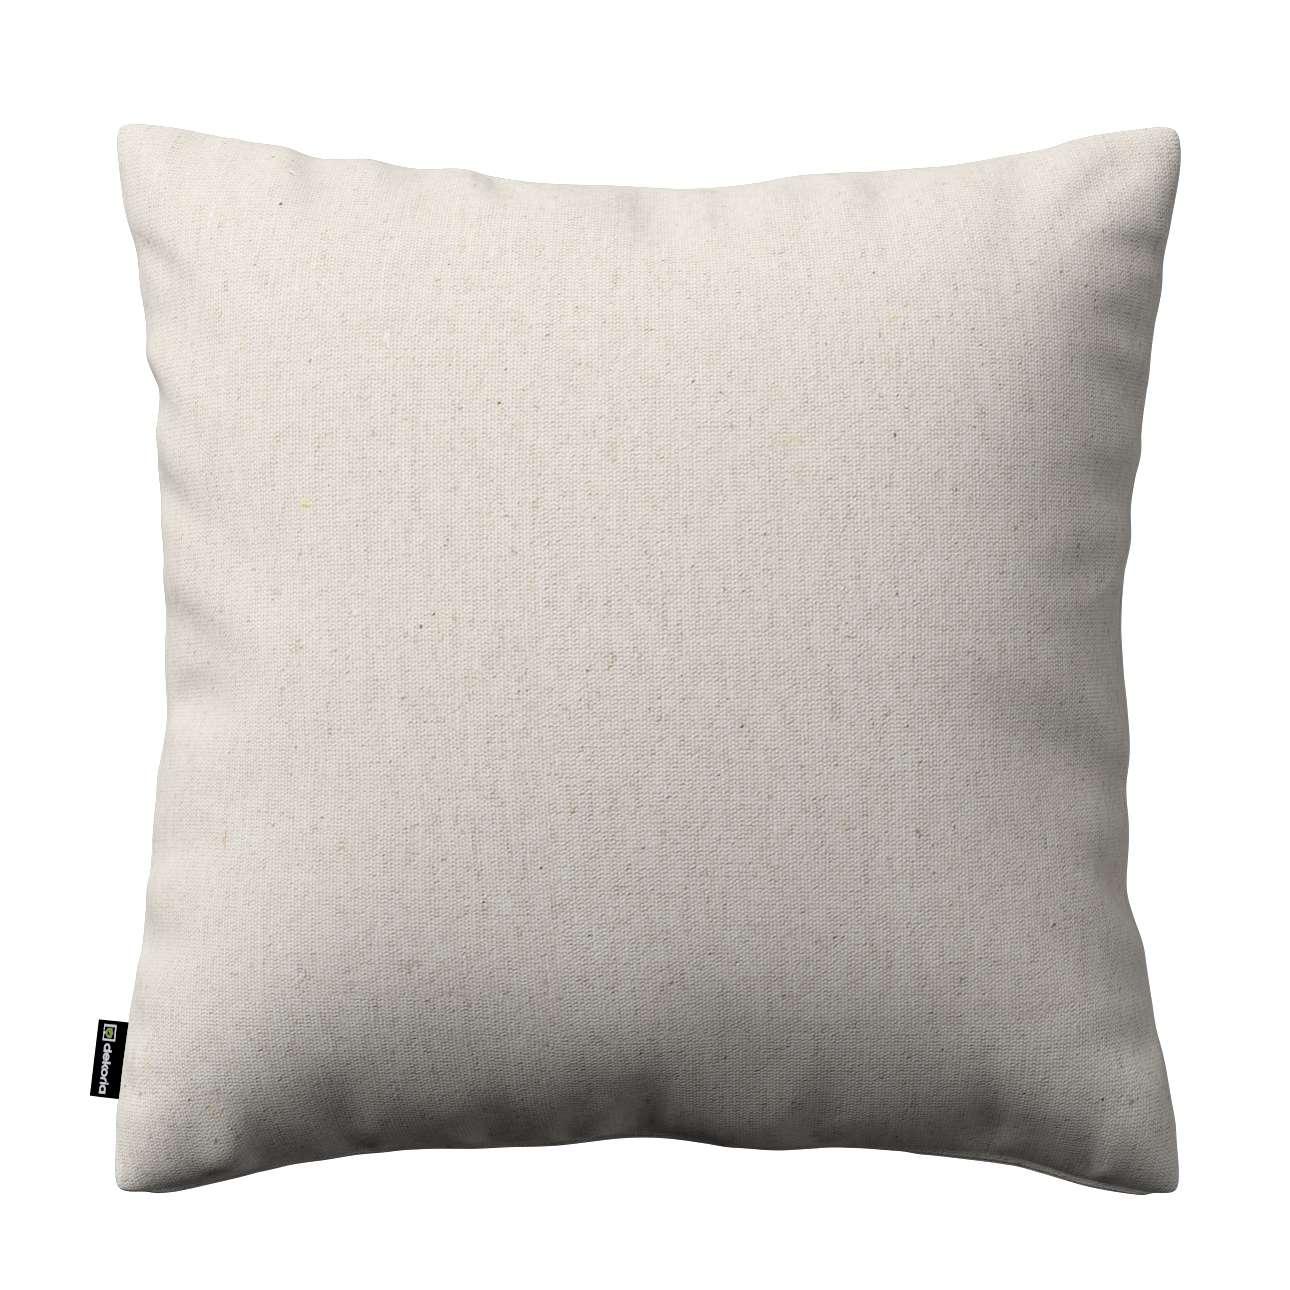 Kinga dekoratyvinės pagalvėlės užvalkalas 43 x 43 cm kolekcijoje Loneta , audinys: 133-65